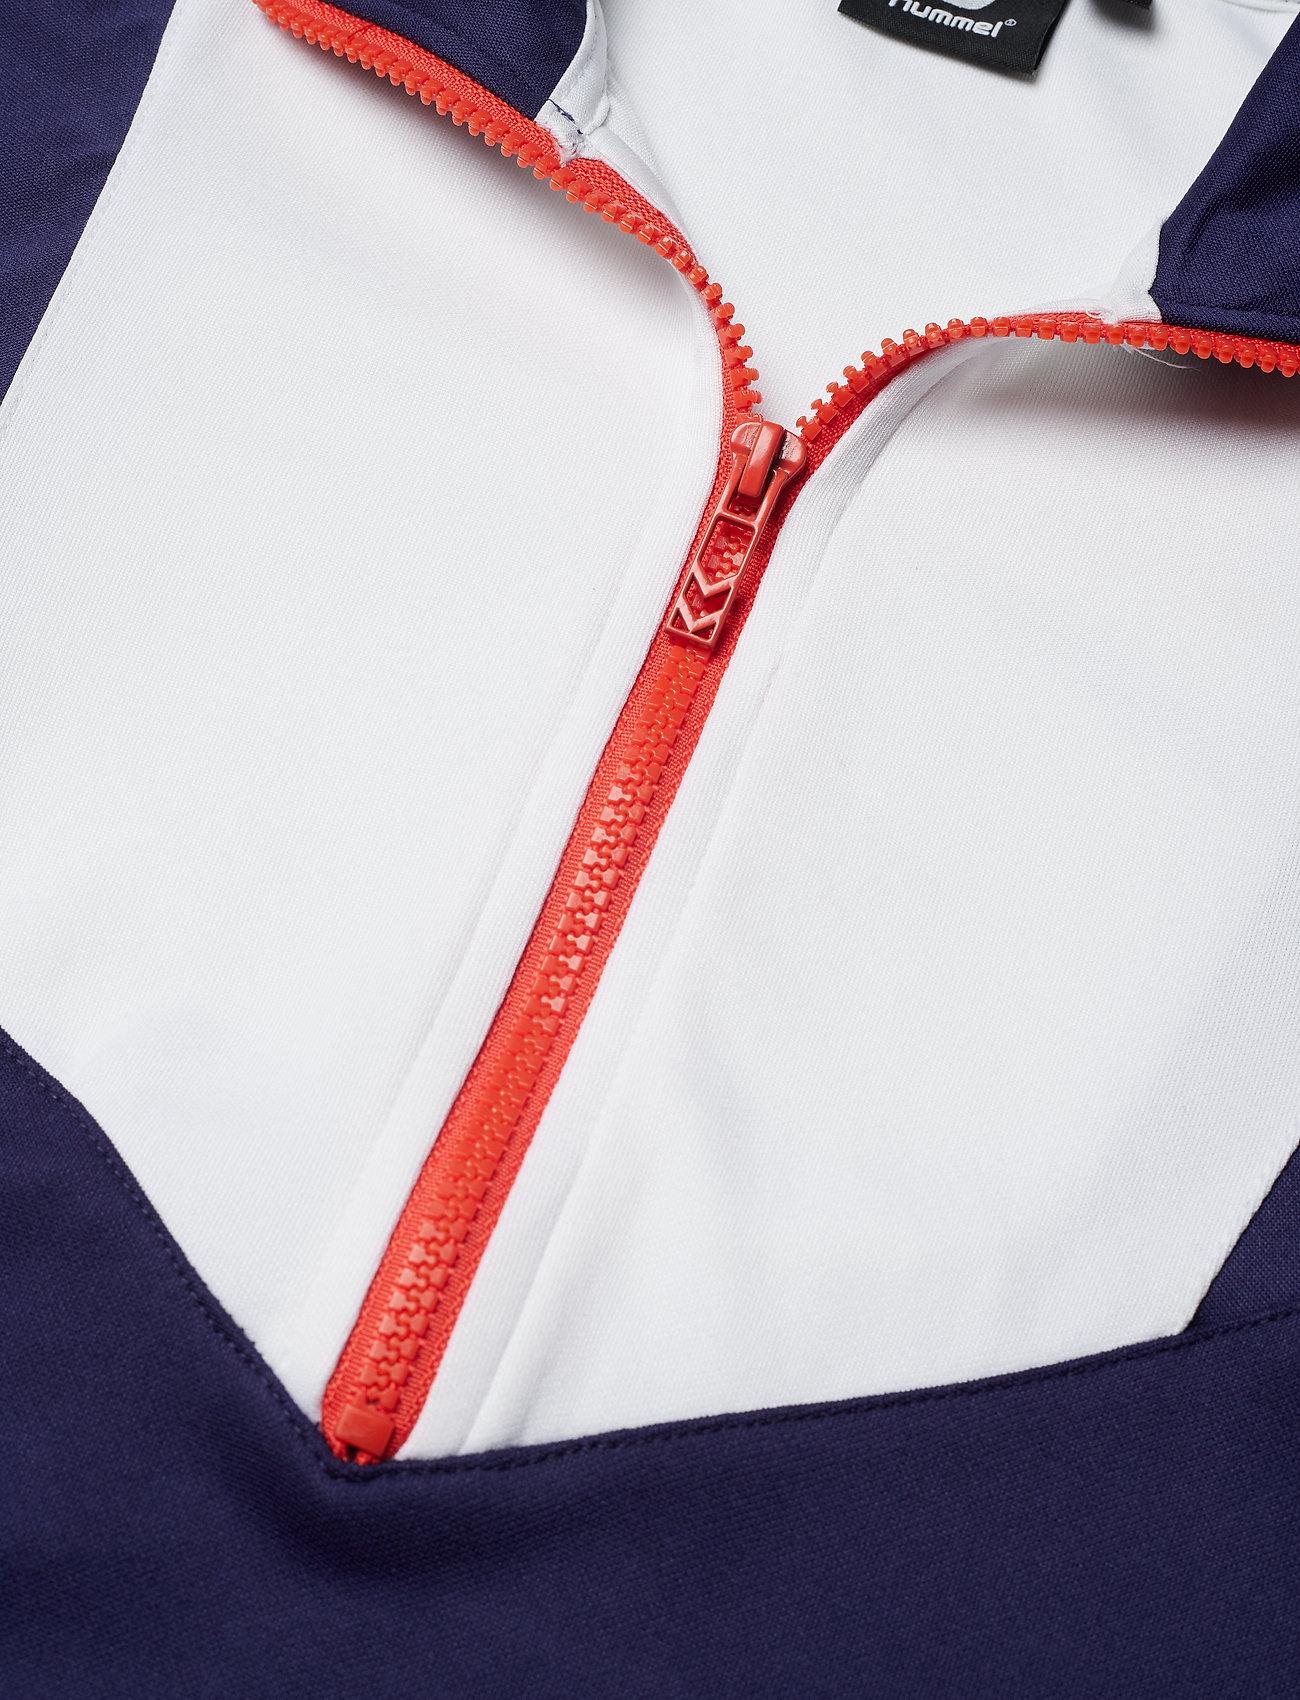 Zip Zip Hmlchi Hmlchi AuraHummel Sweatshirtastral Sweatshirtastral Half Half iZTPOkXu